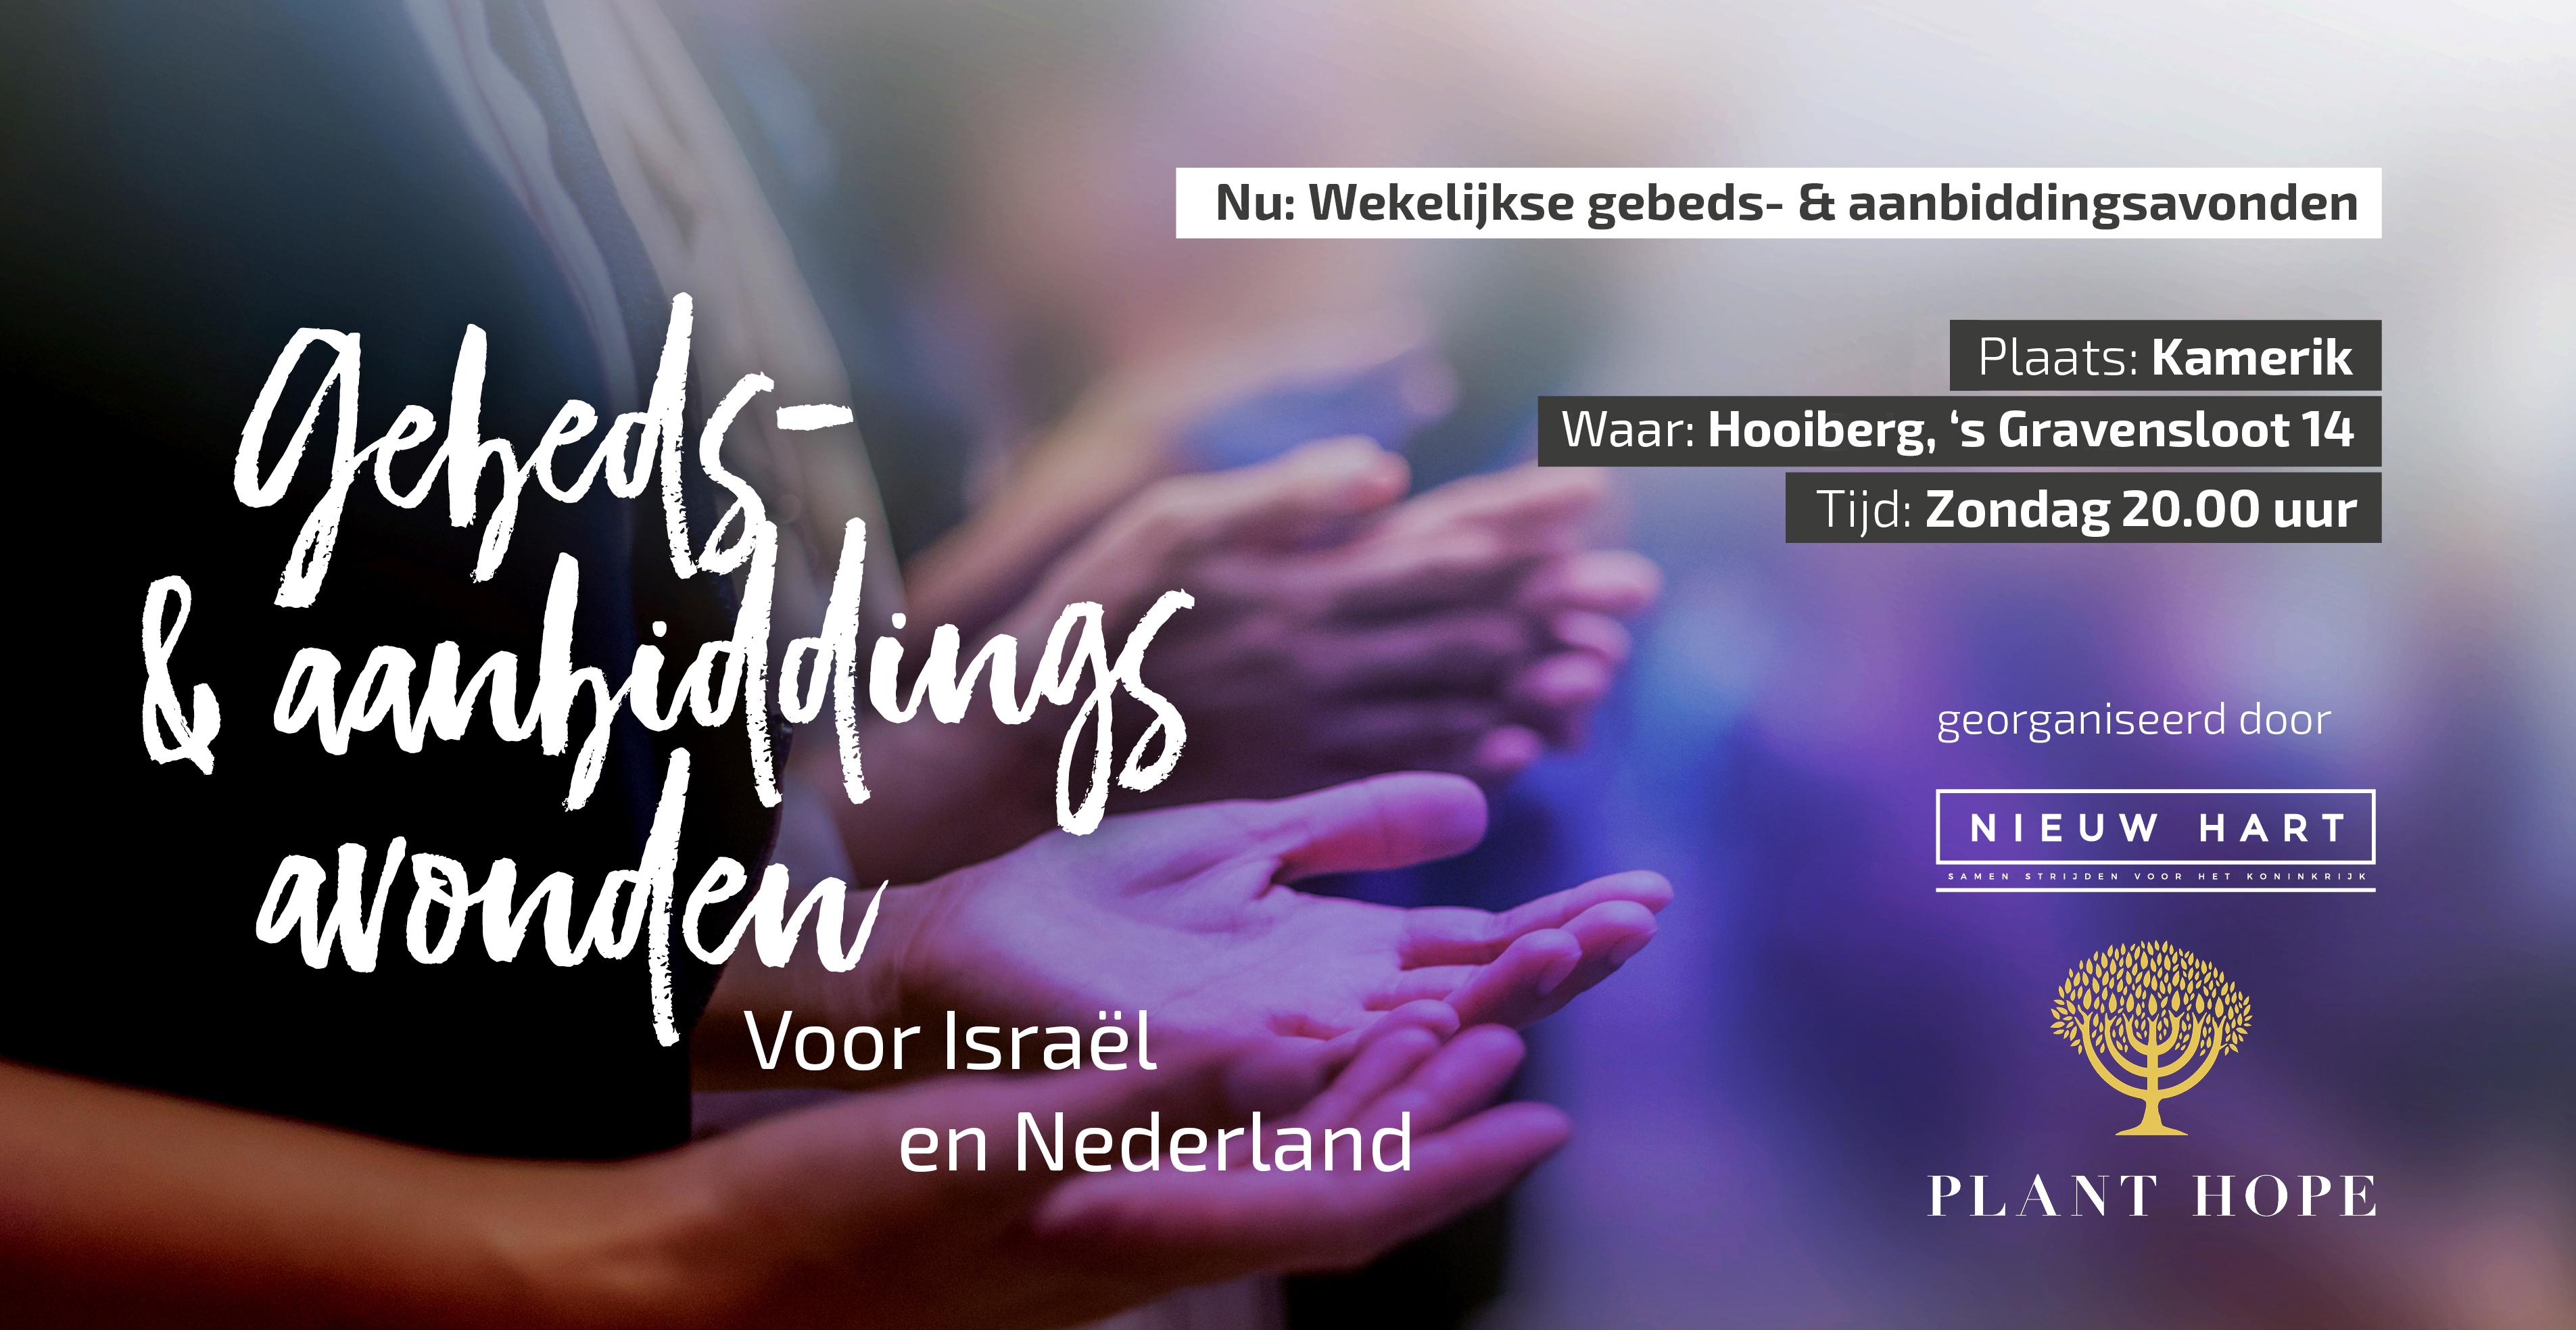 Gebeds- en aanbiddingsavond elke zondagavond